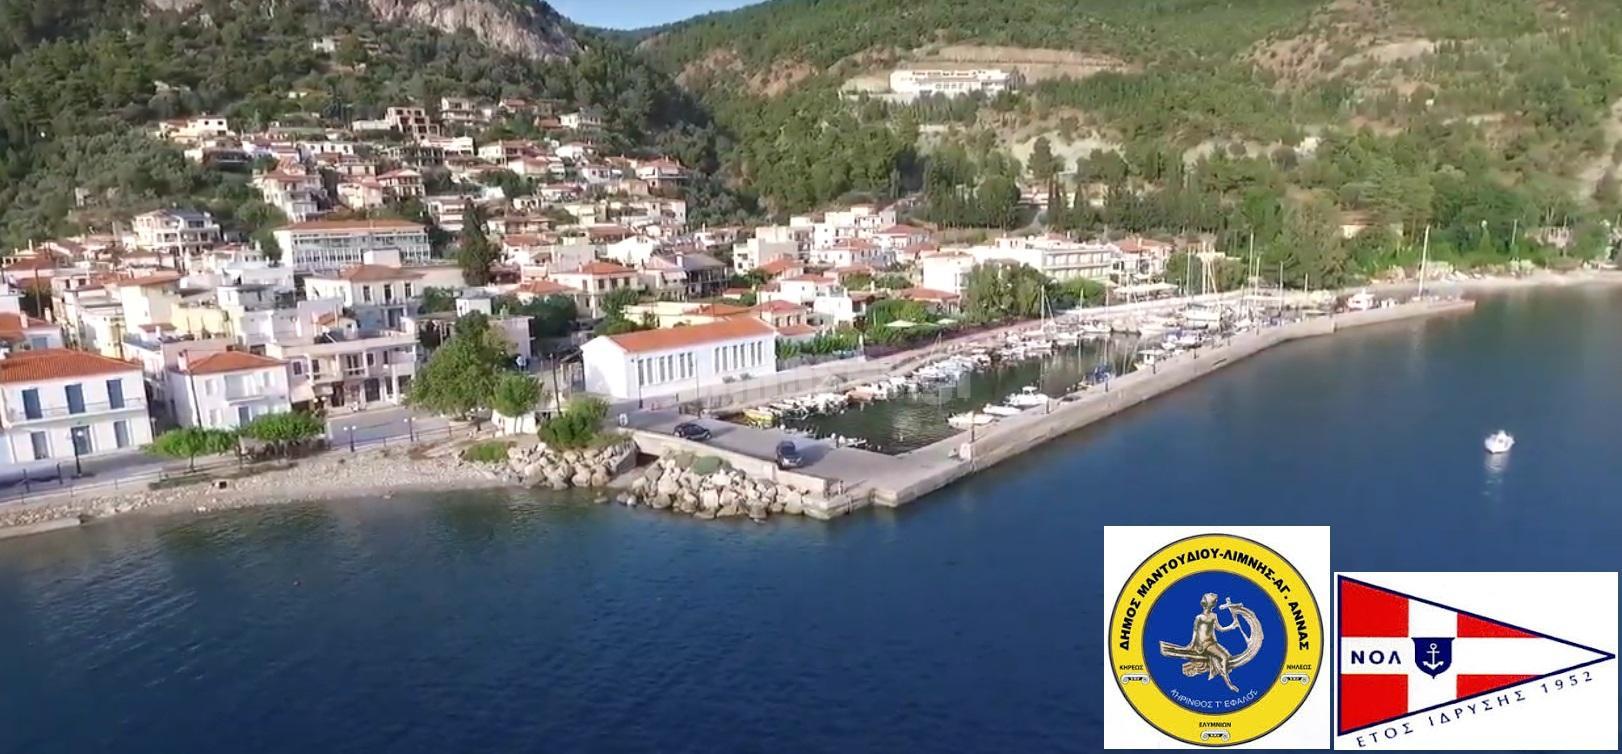 """Ναυτικός Όμιλος Λίμνης – Δήμος Μαντουδίου-Λίμνης-Αγίας Άννας : Παράκτιοι κολυμβητικοί αγώνες – """"Ελύμνιο 2020"""""""